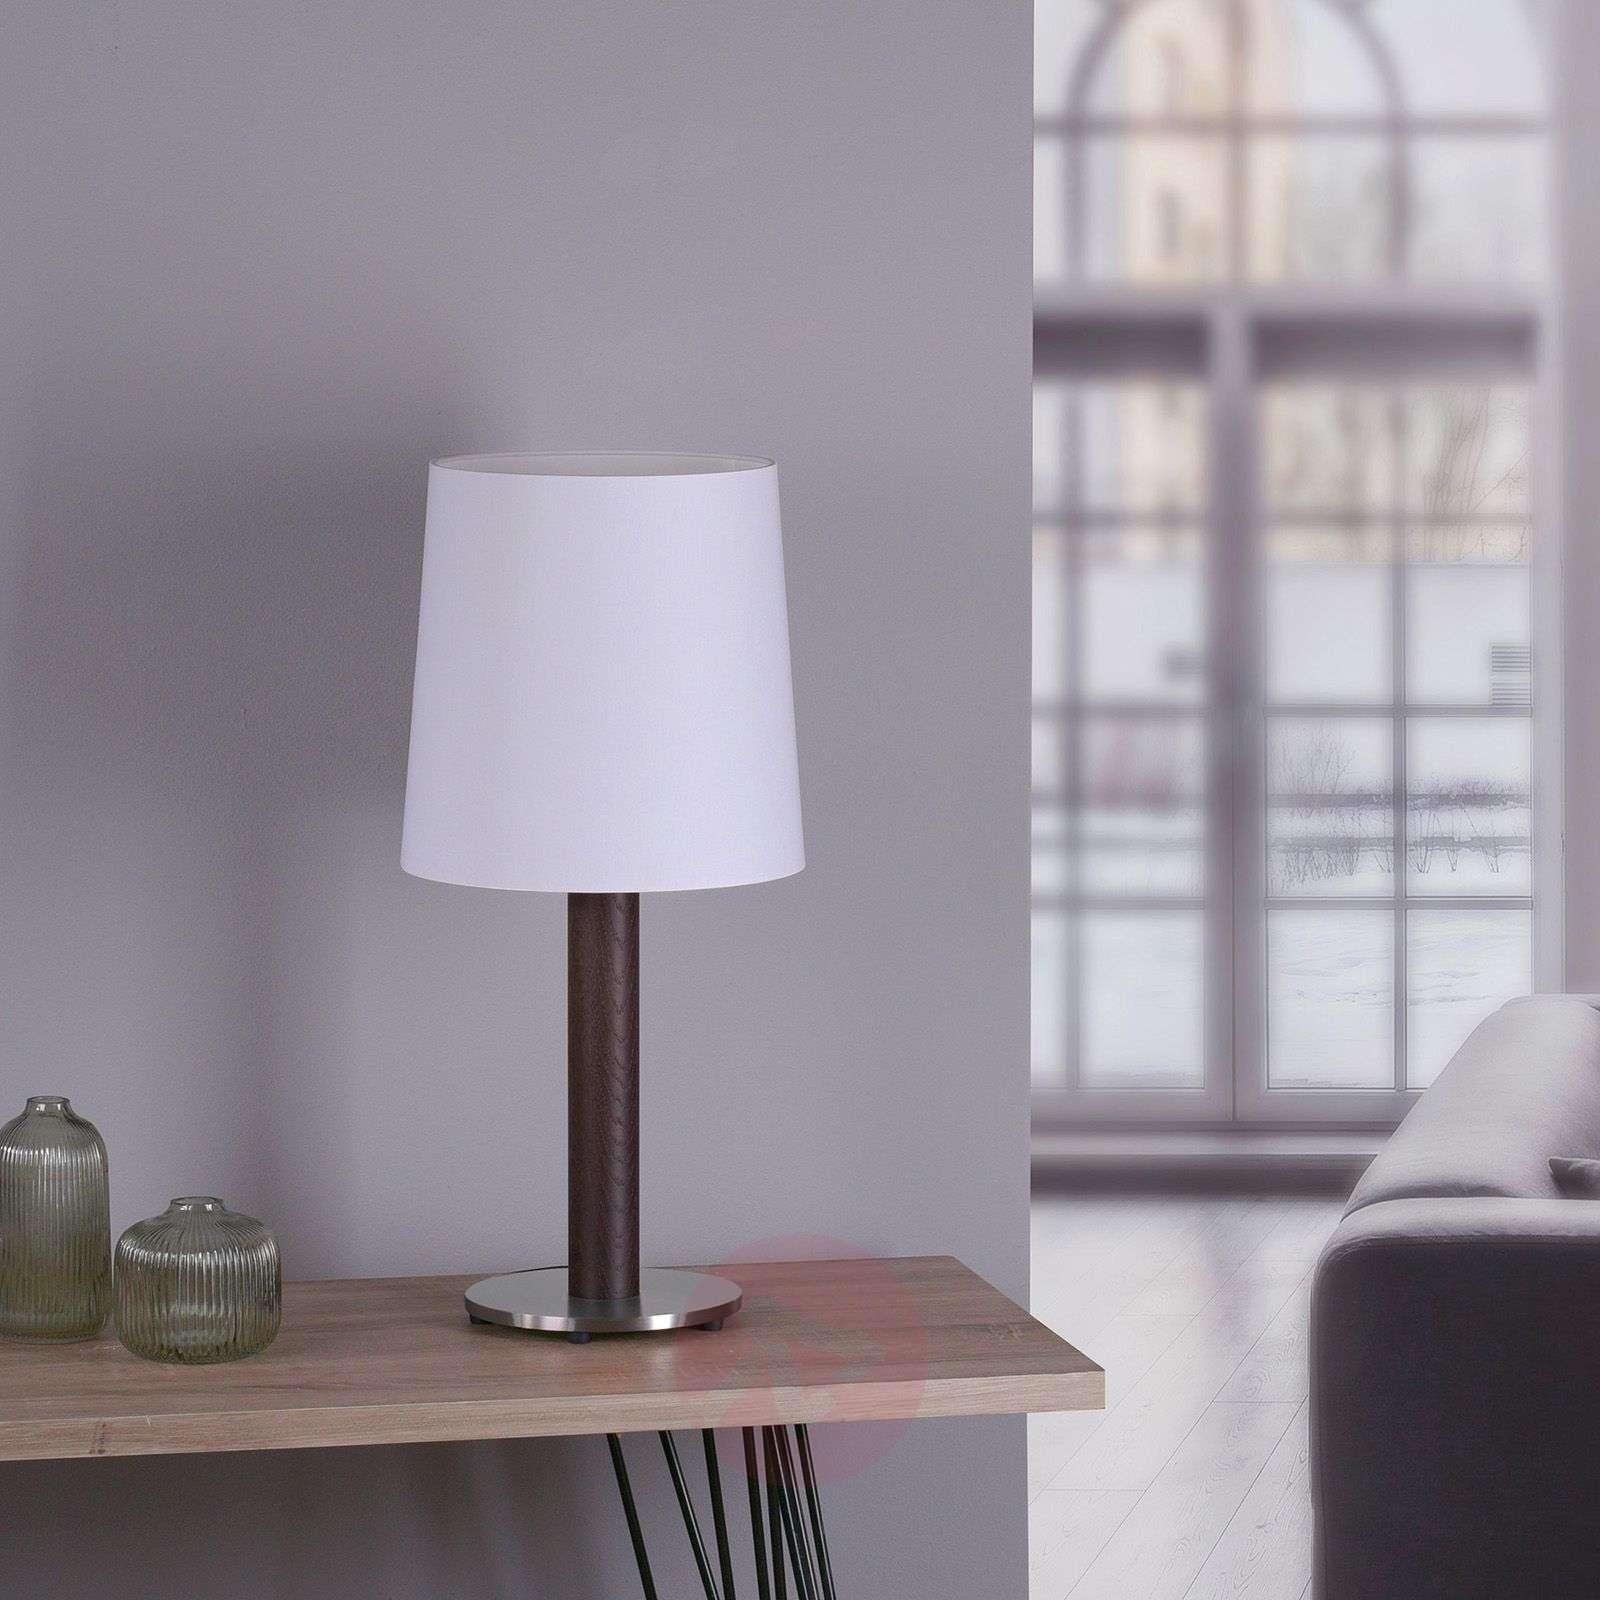 Lucande Elif-pöytä valkoinen sylinteri tumma-6722602-01